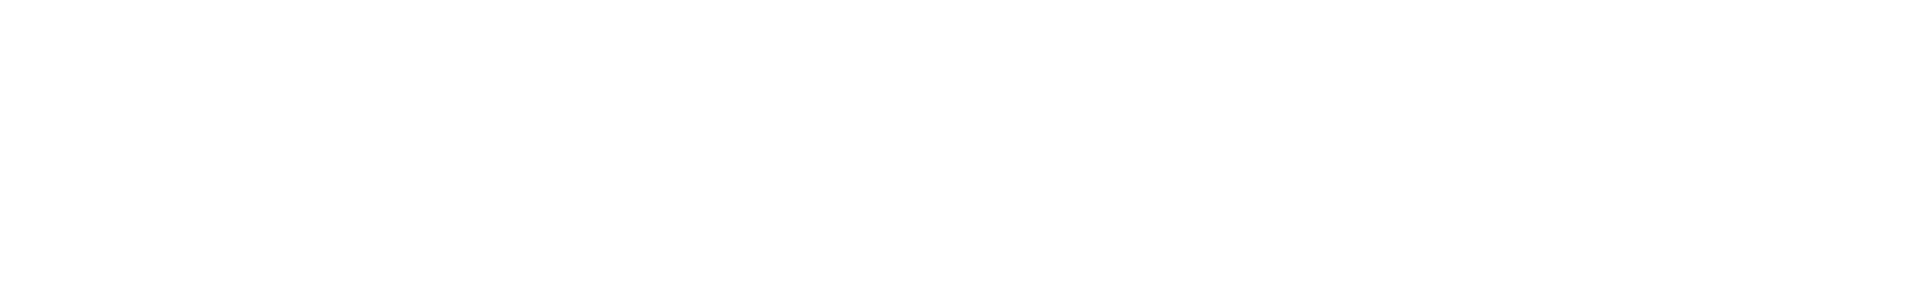 pilates-paralax-txt-saude